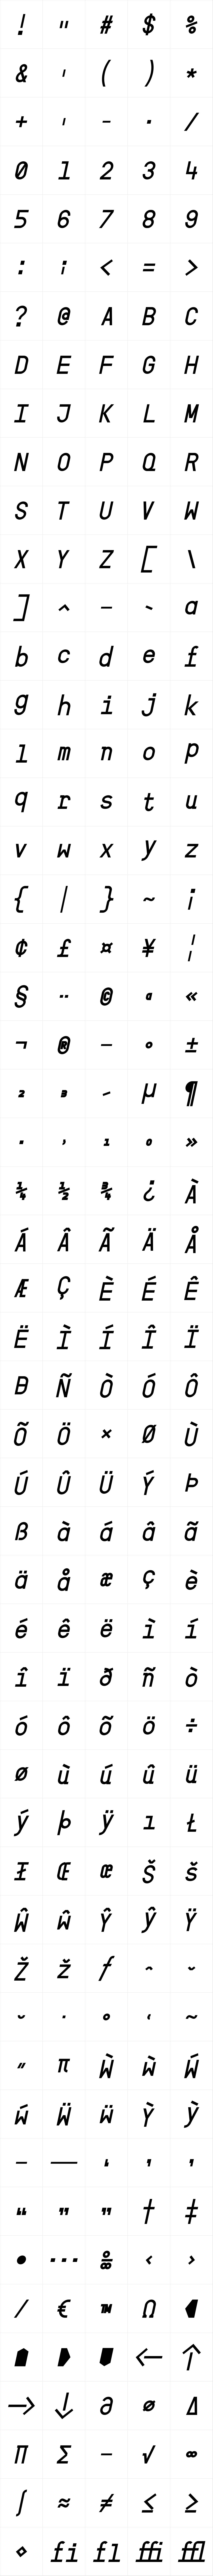 CDLX Mono Bold Italic